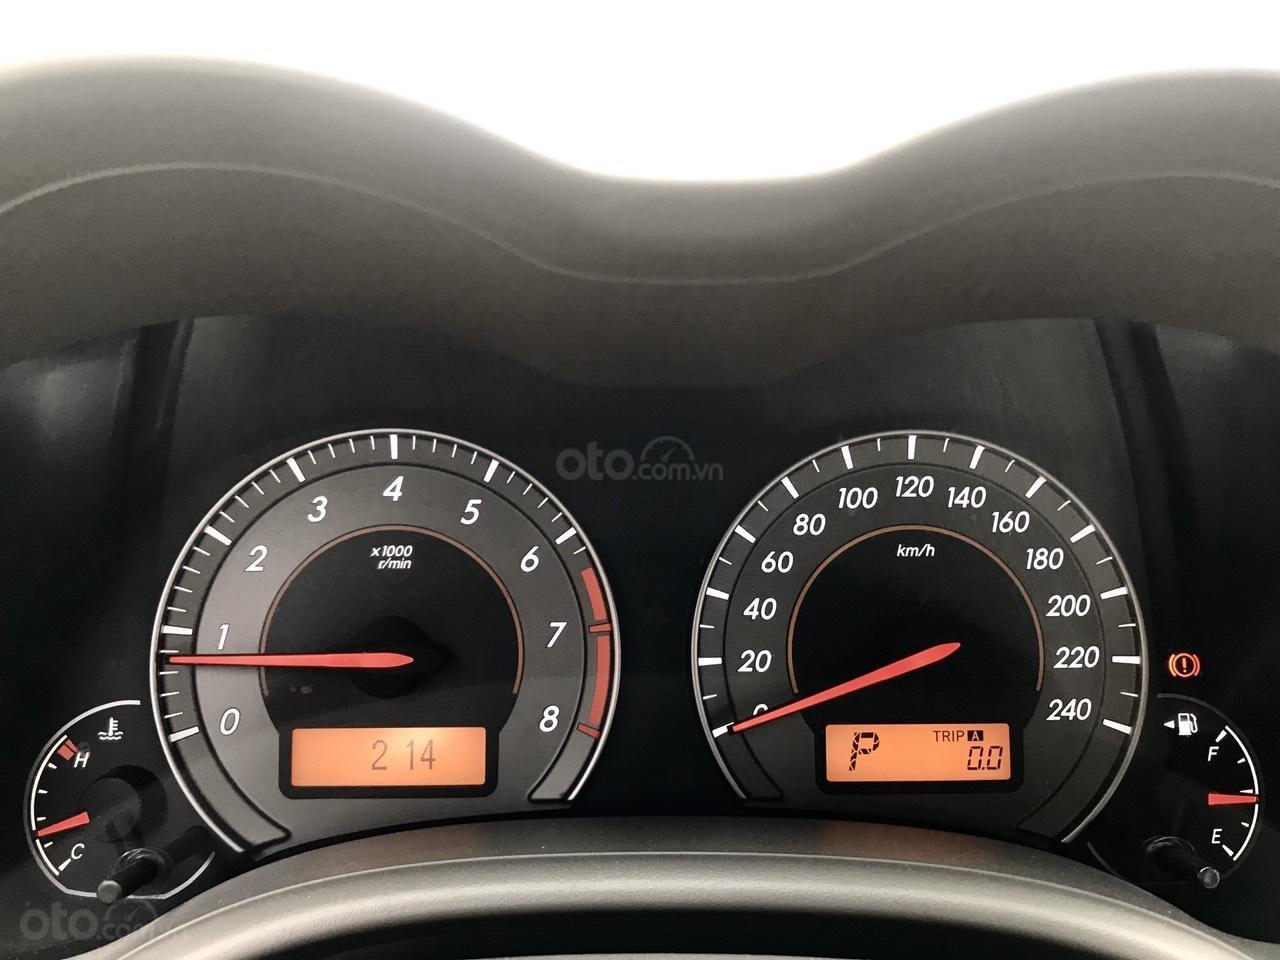 Bán Toyota Corolla Altis đời 2017, màu bạc (6)